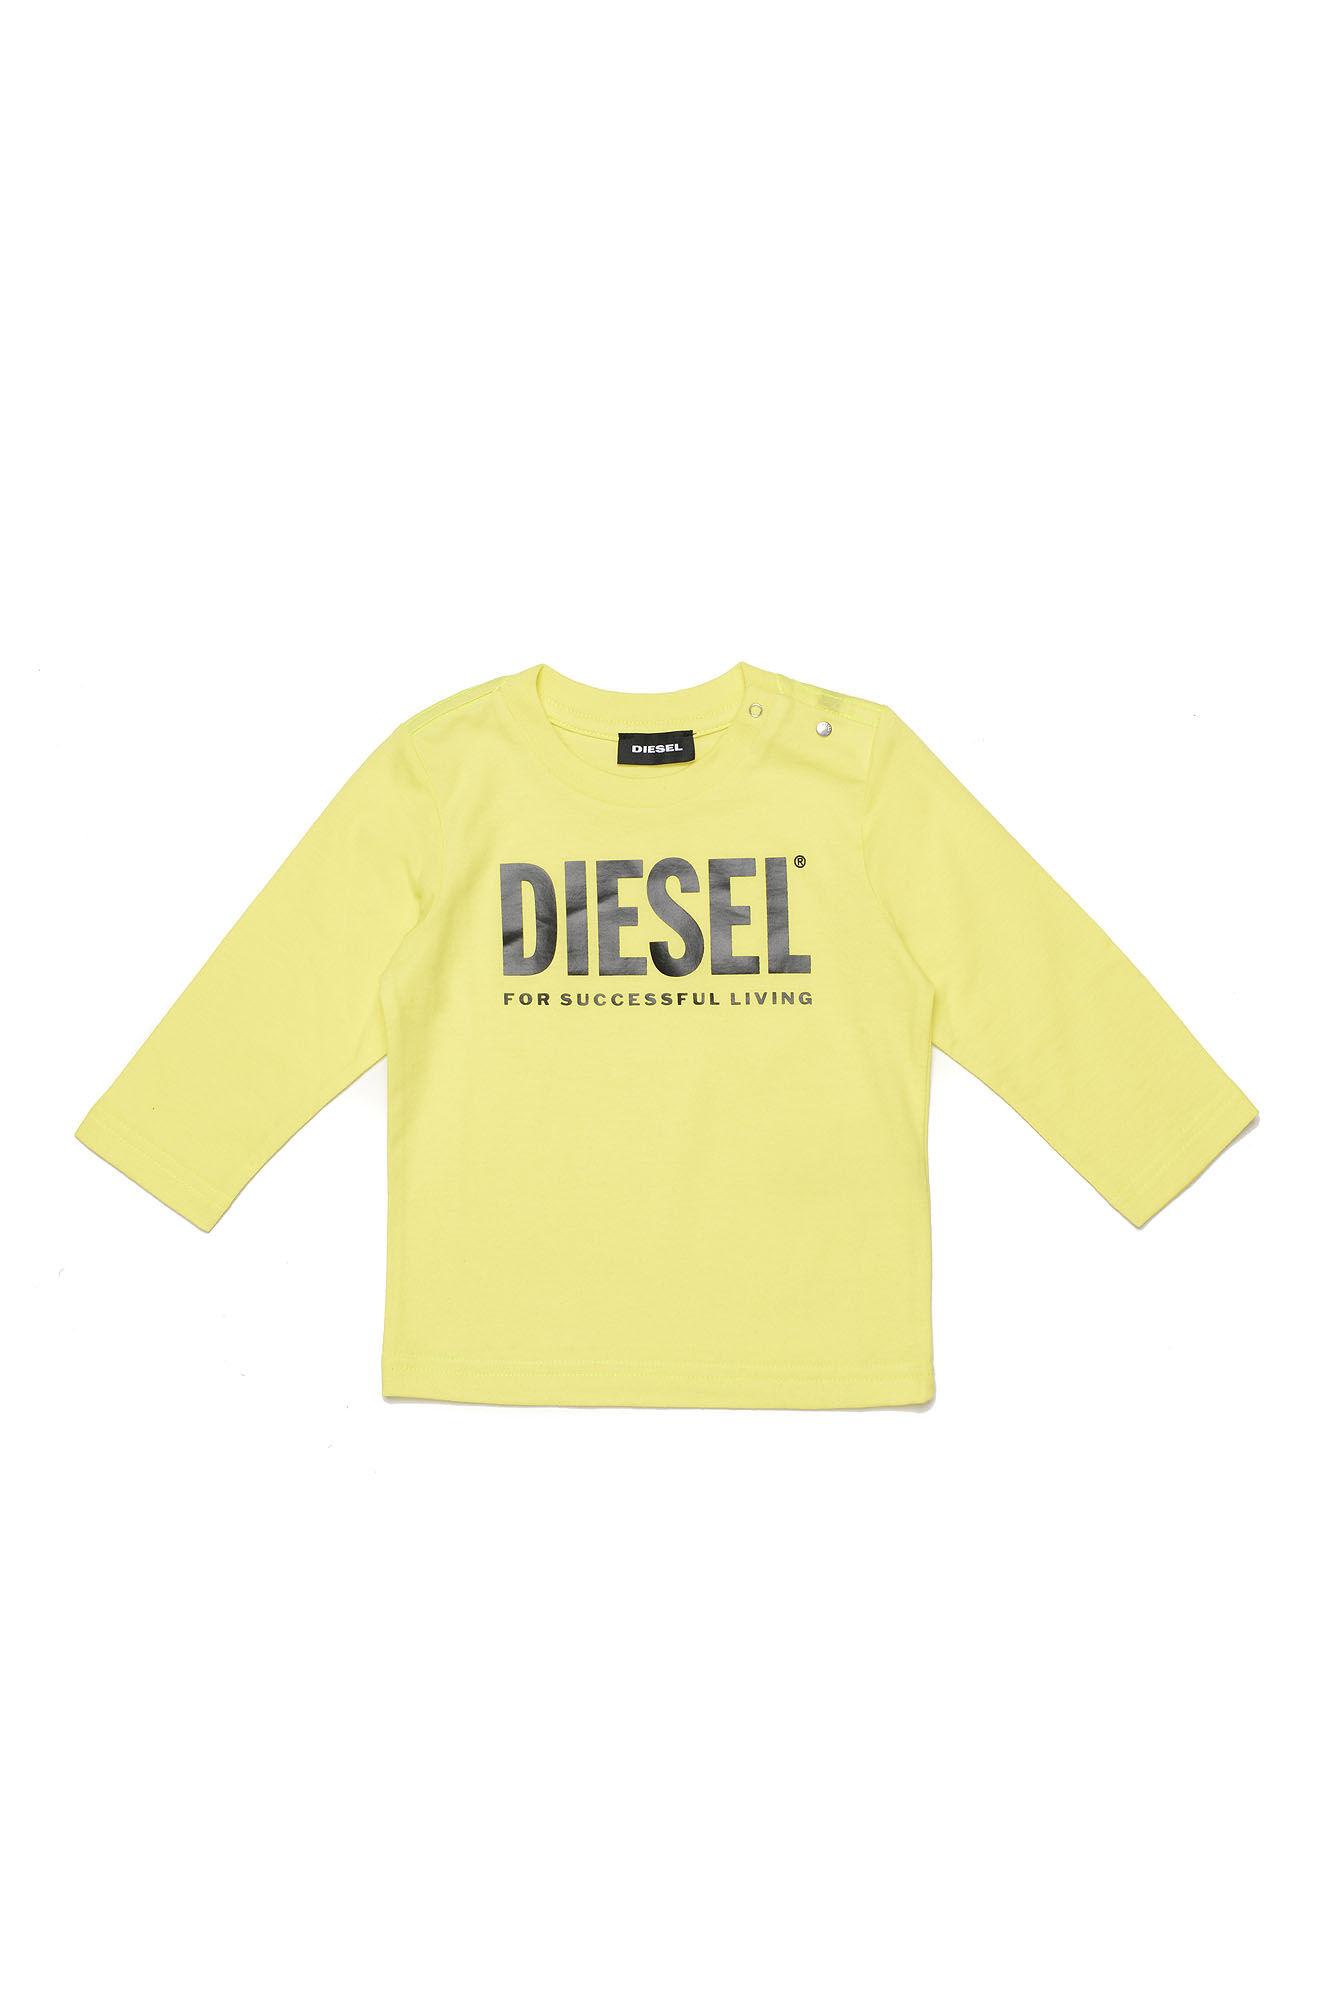 Tjustlogob Ml Maglietta - Diesel Kid